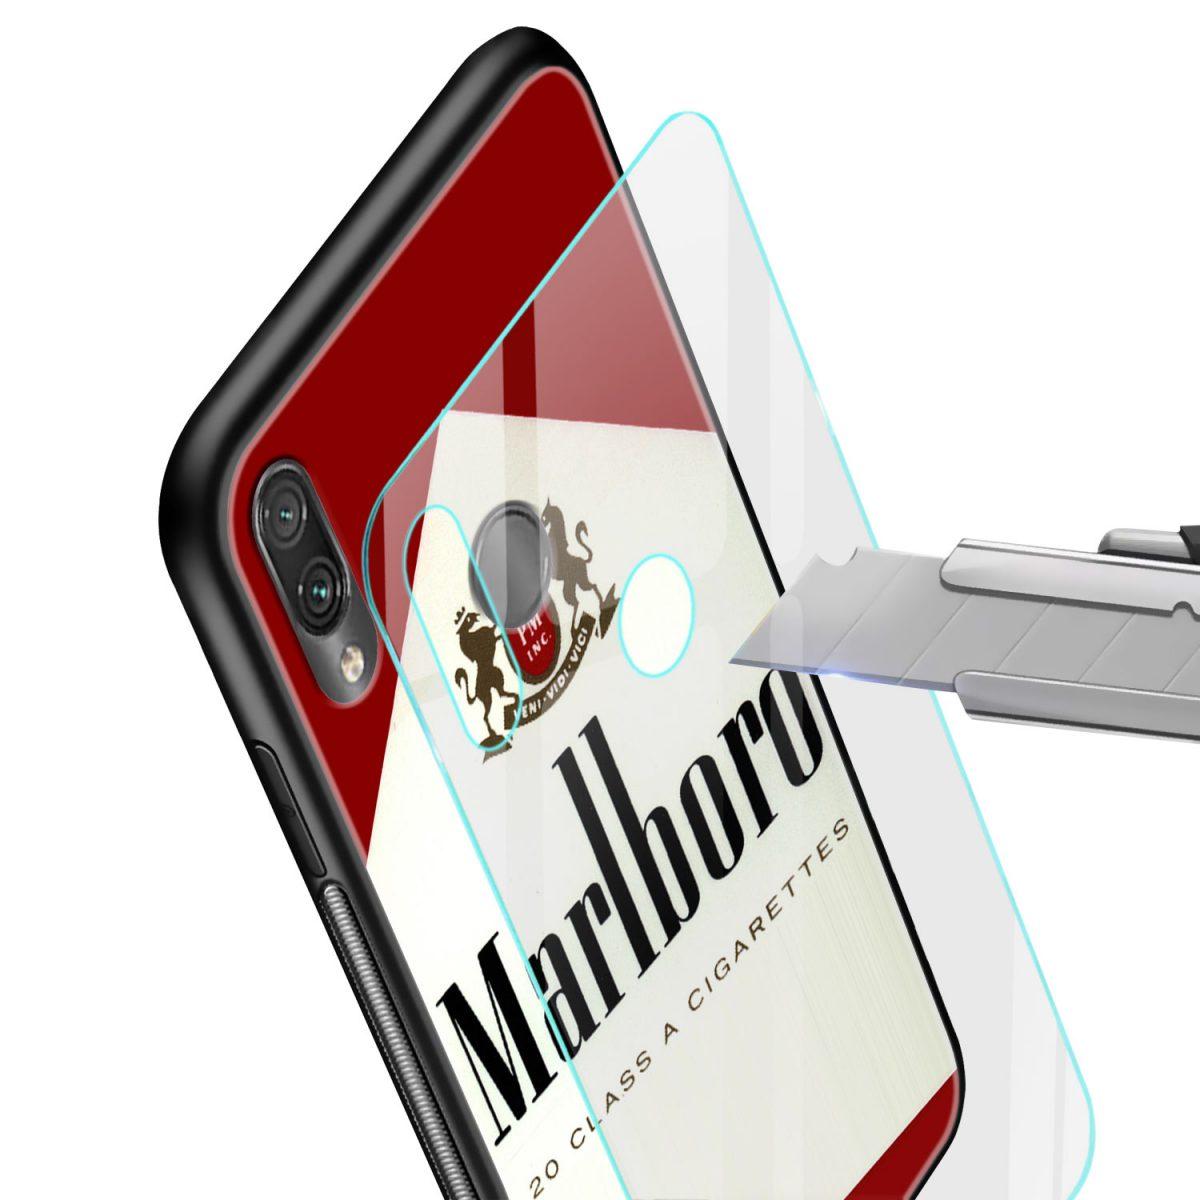 marlboro cigarette custom redmi note7 mobile cover glass view 1